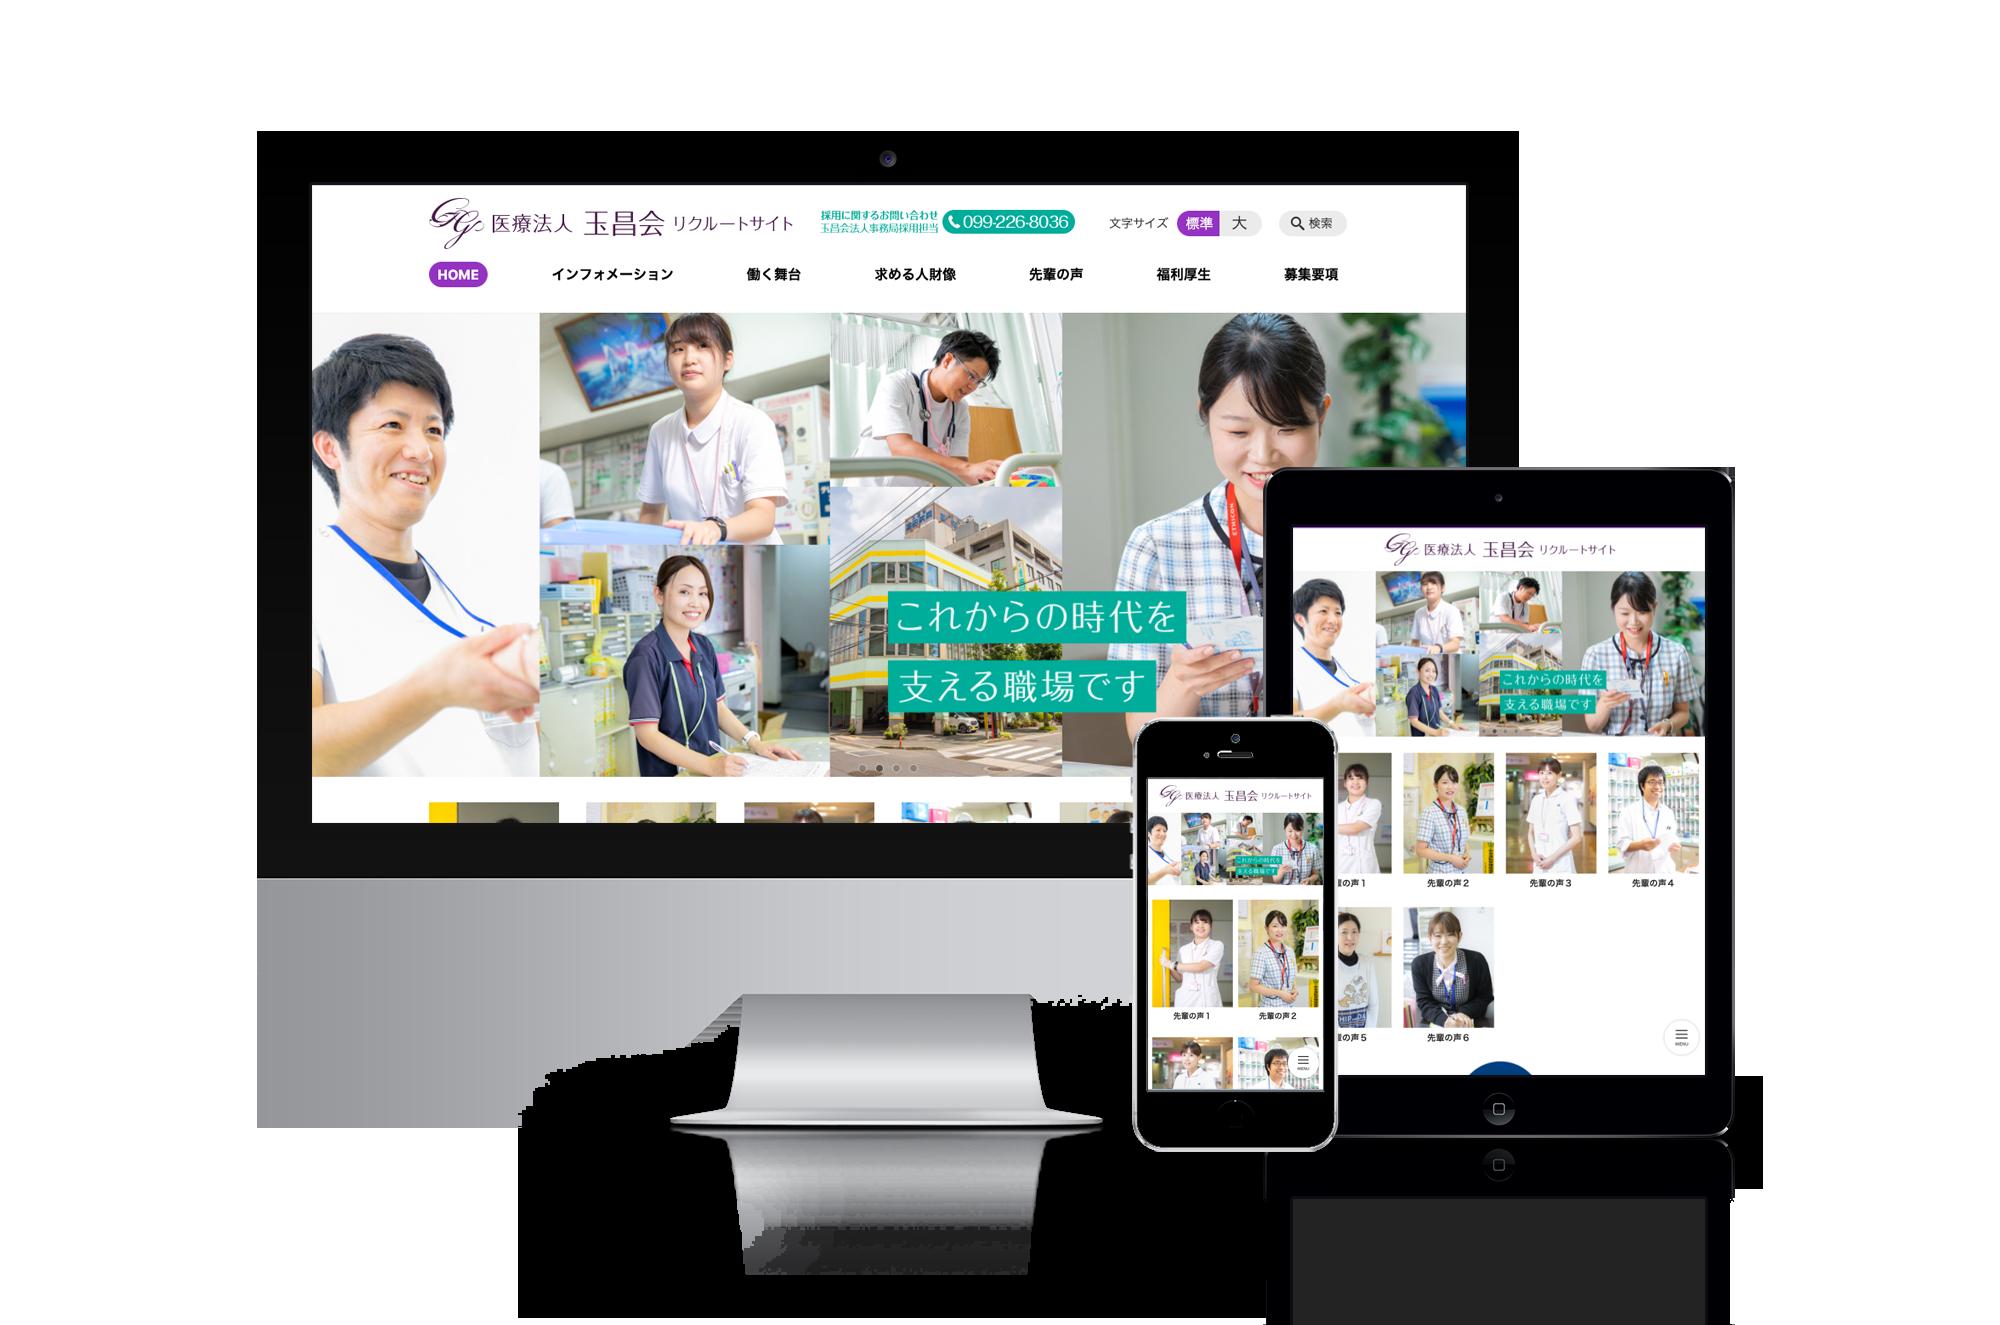 セレサイト制作実績「医療法人 玉昌会リクルートサイト」